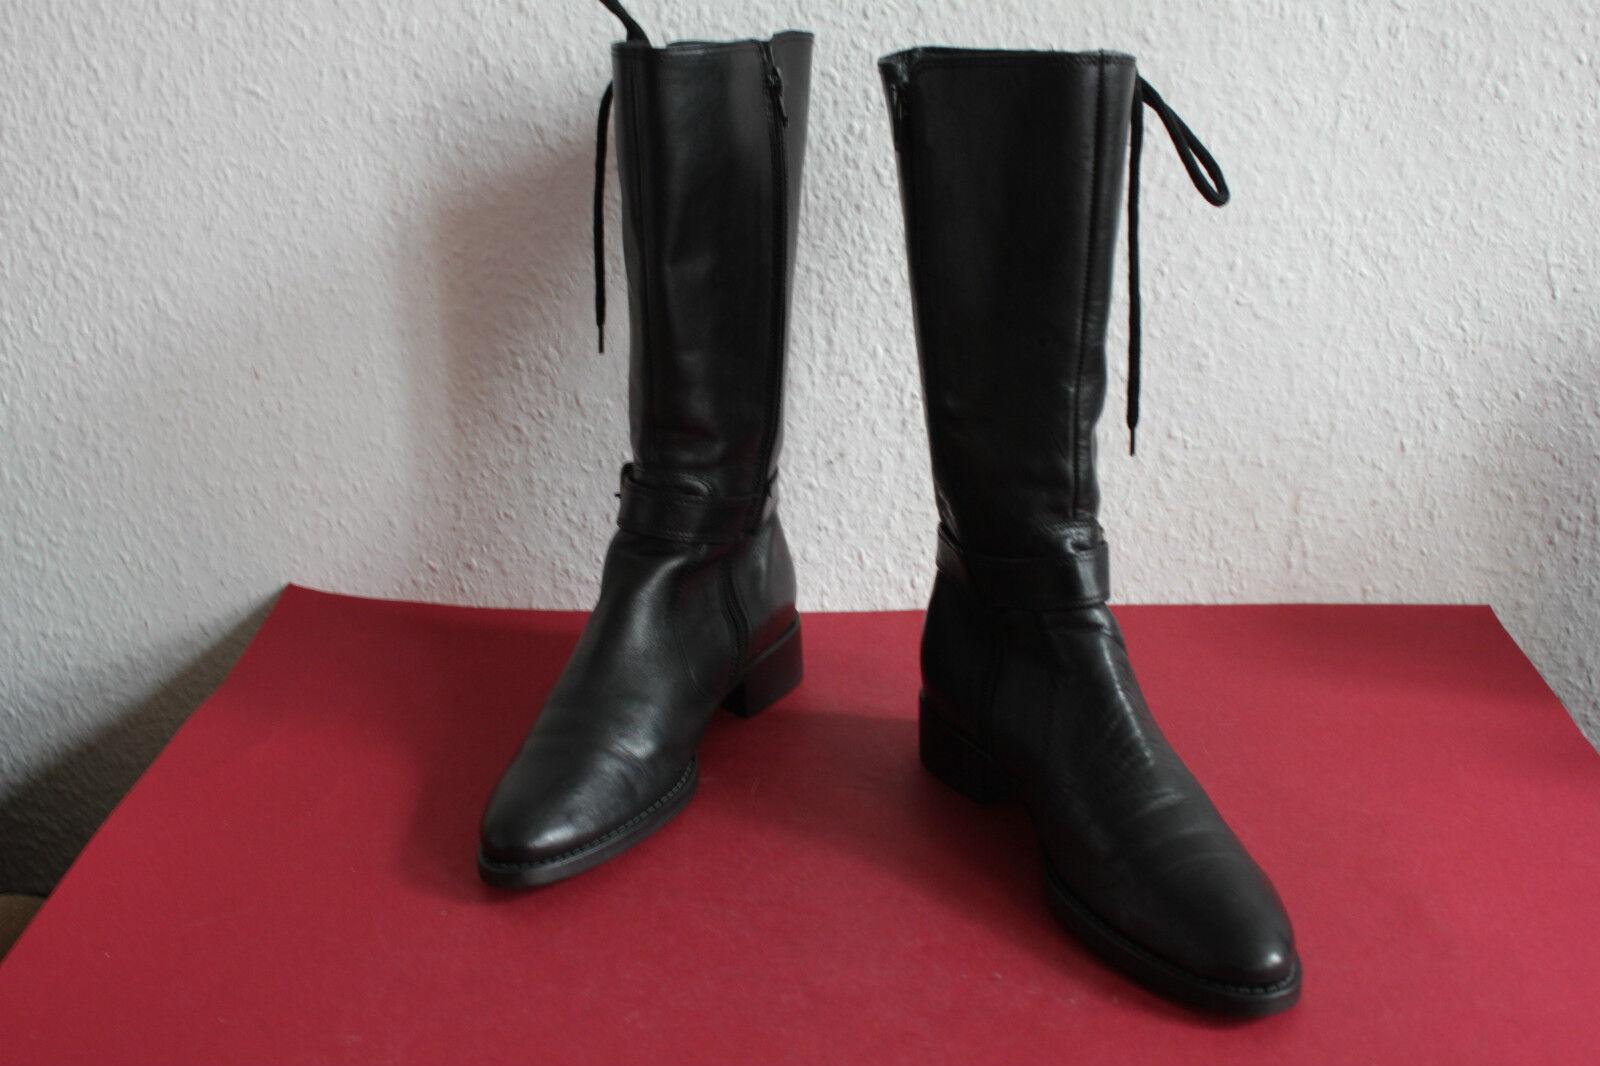 Maripe oder oder oder Marise Stiefel Stiefel made in  Echtleder Schwarz  36 bis 36,5  | Zürich Online Shop  5879fd